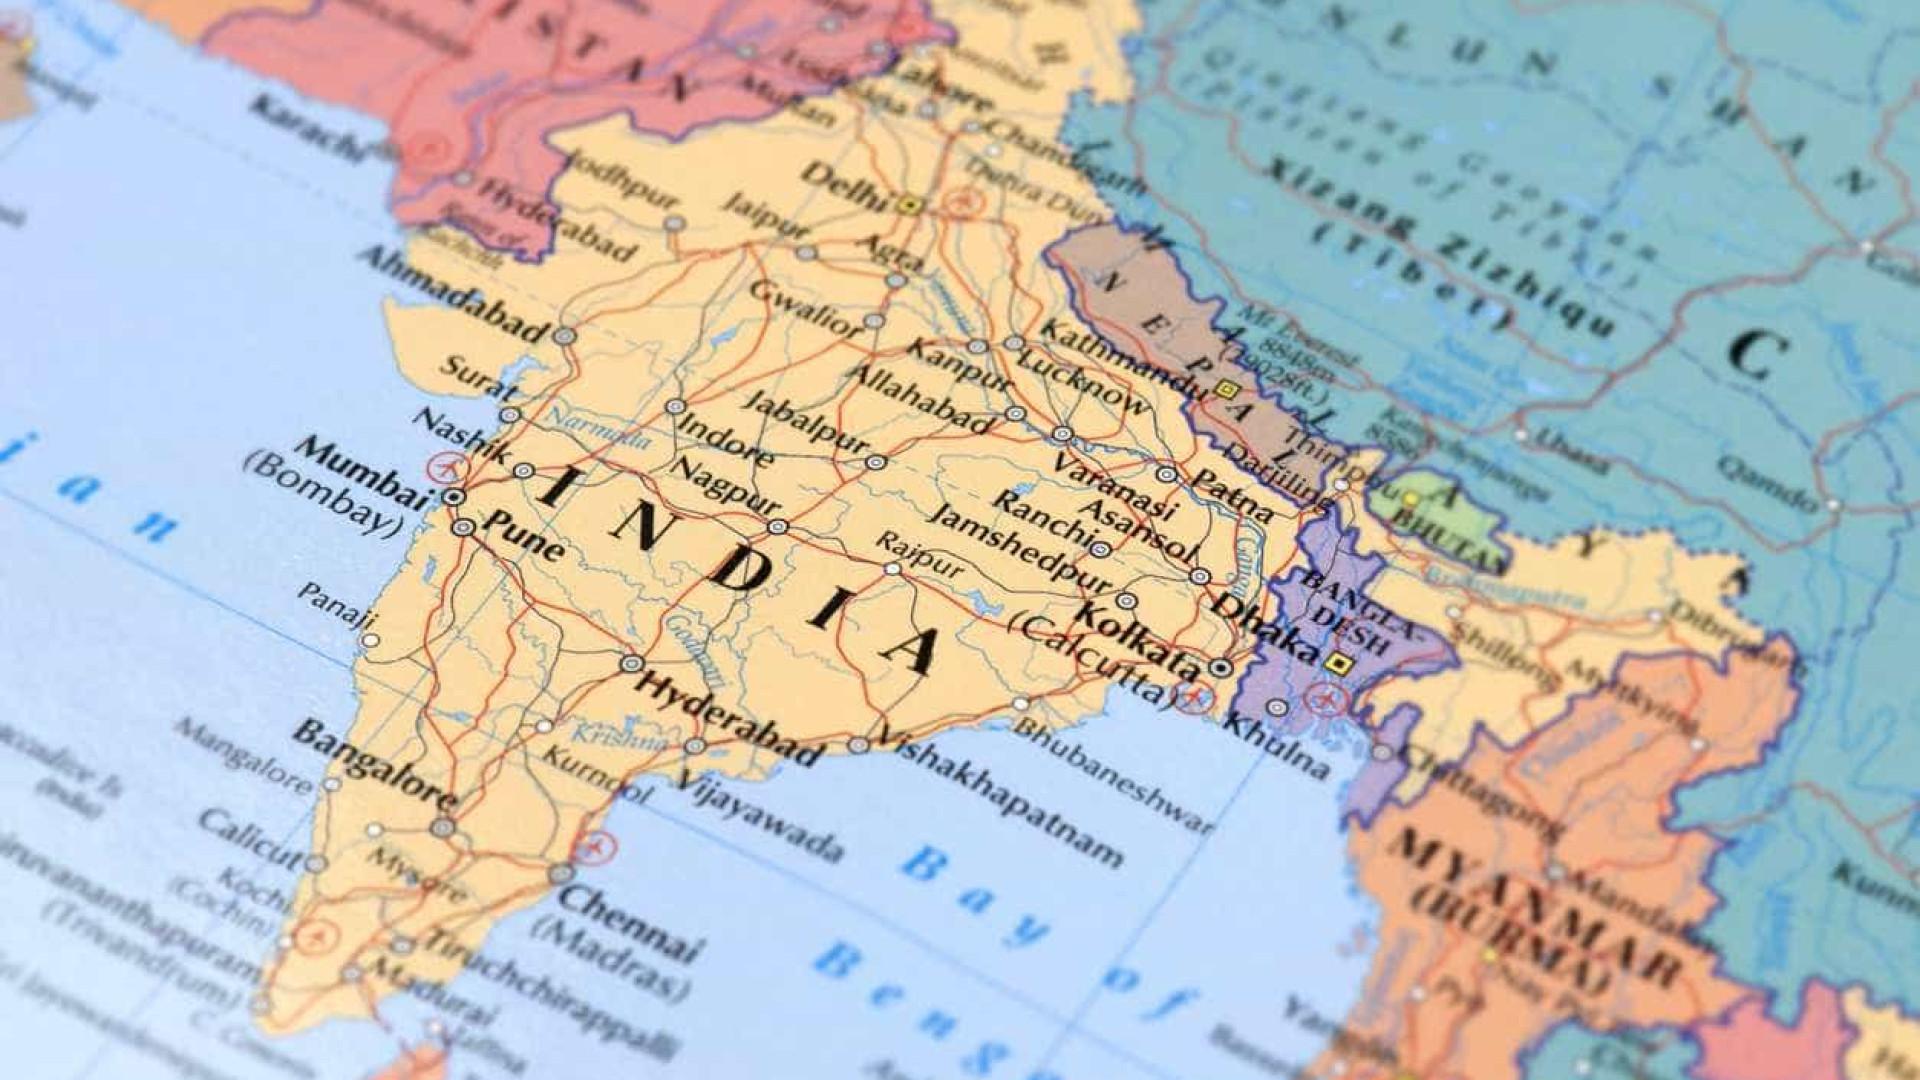 Pelo menos 35 crianças morrem em três dias num hospital da Índia